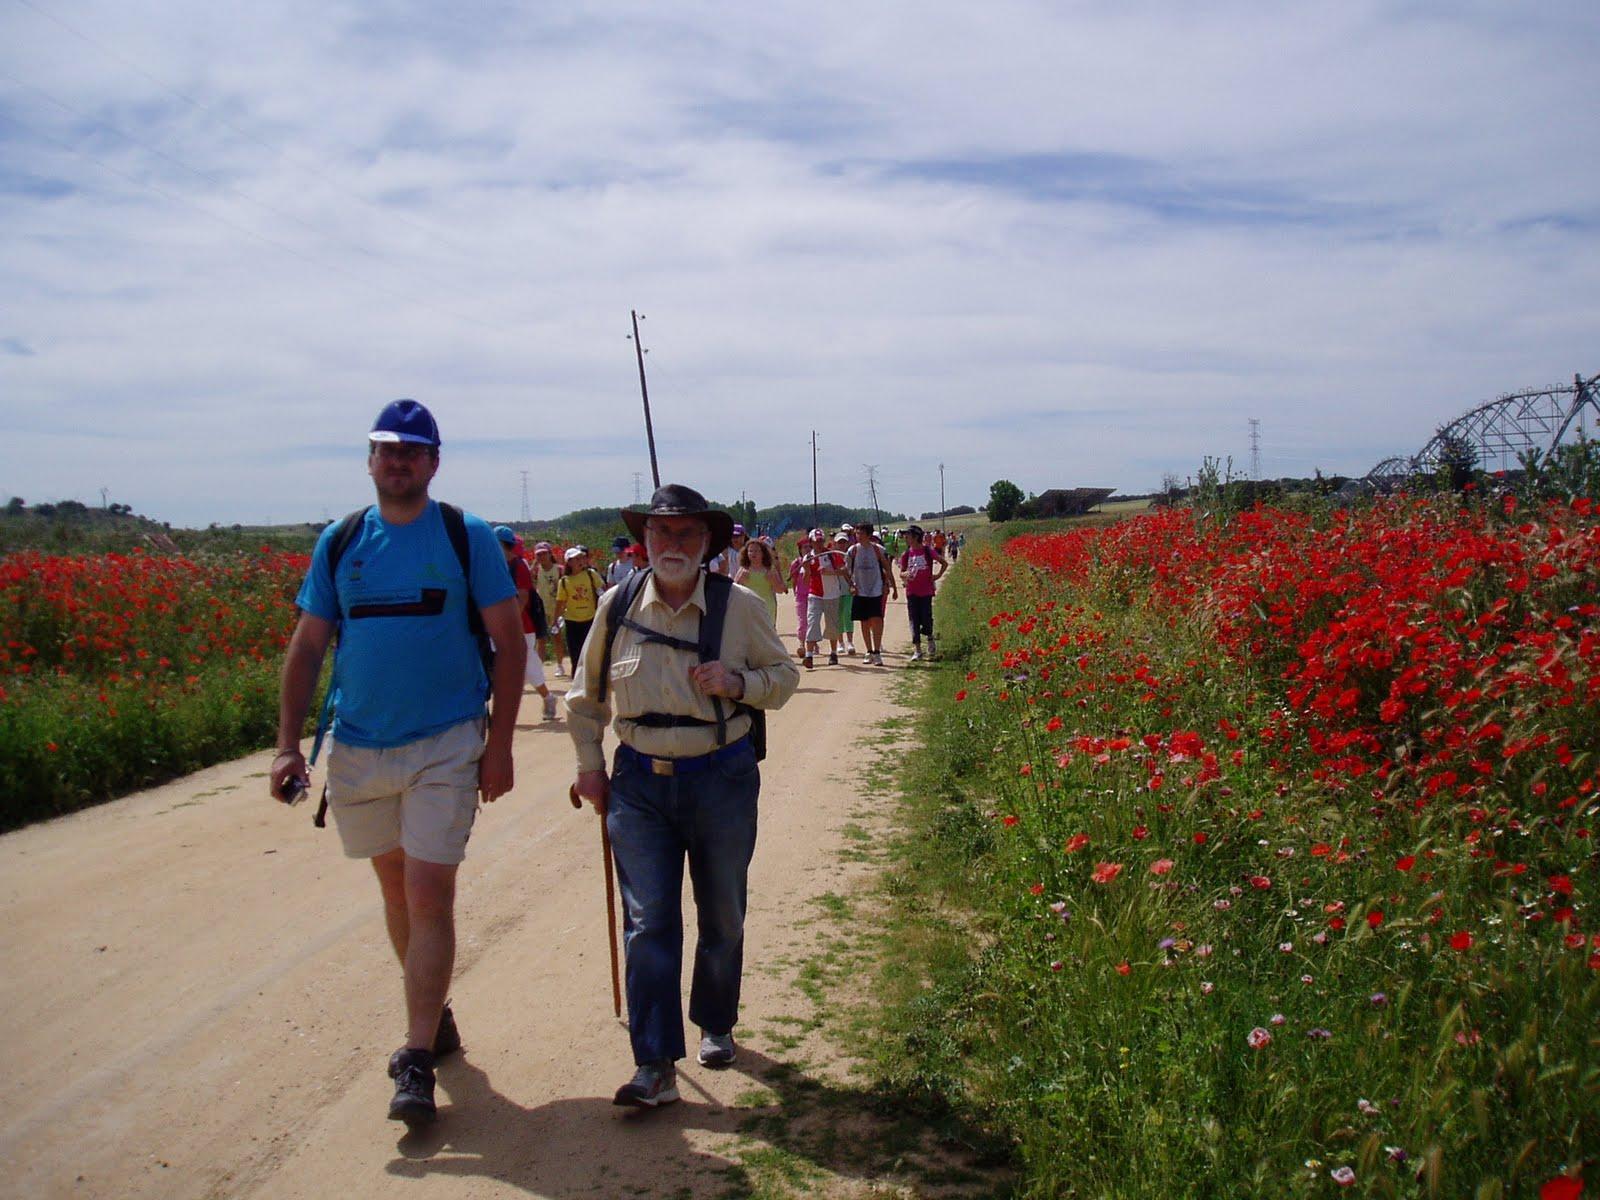 El camino del sureste a su paso por Valladolid